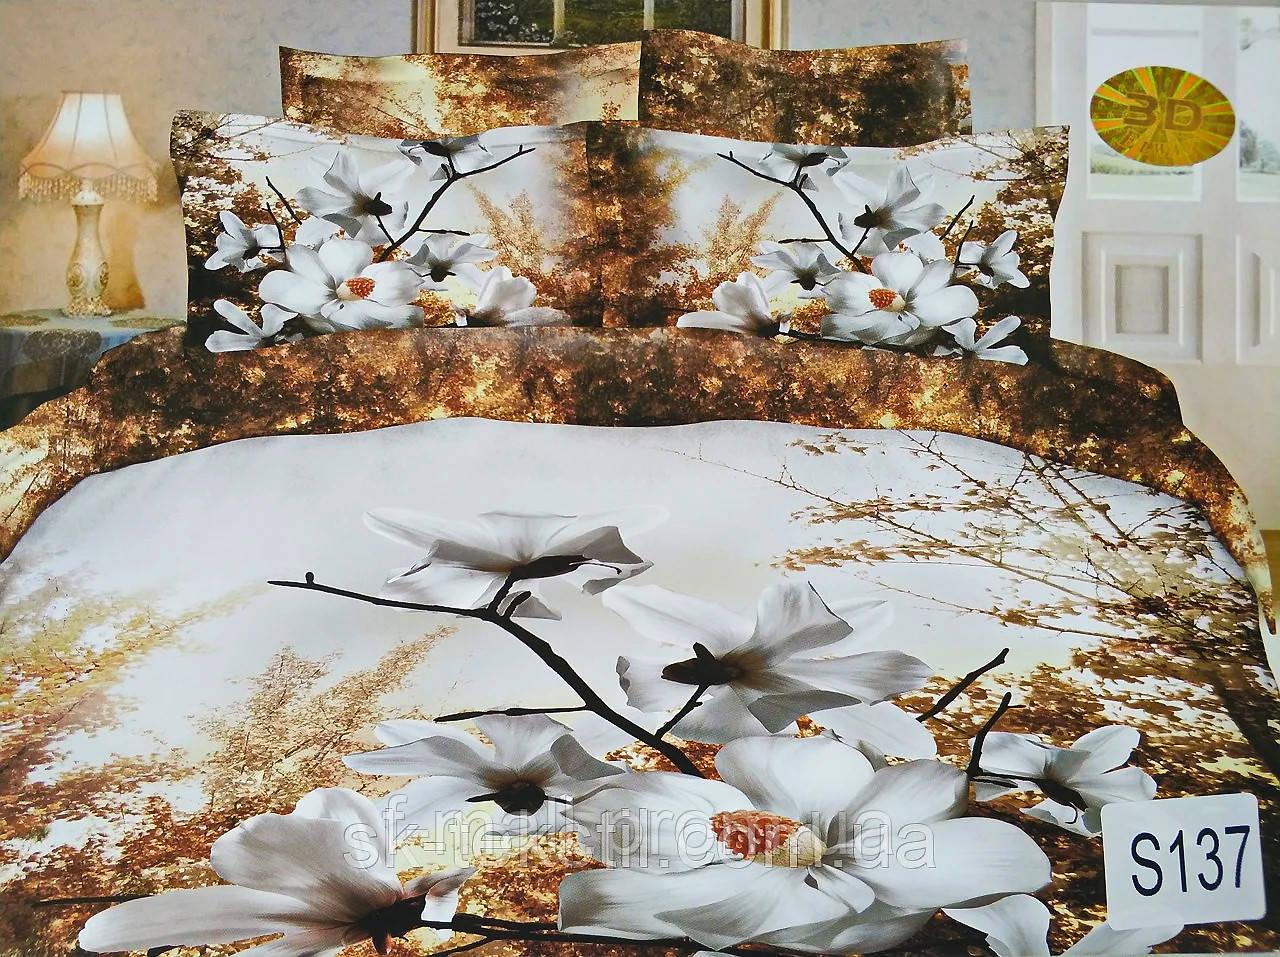 Комплект постельного белья ELWAY (Польша) 3D LUX Сатин Евро Подарочная упаковка (137)